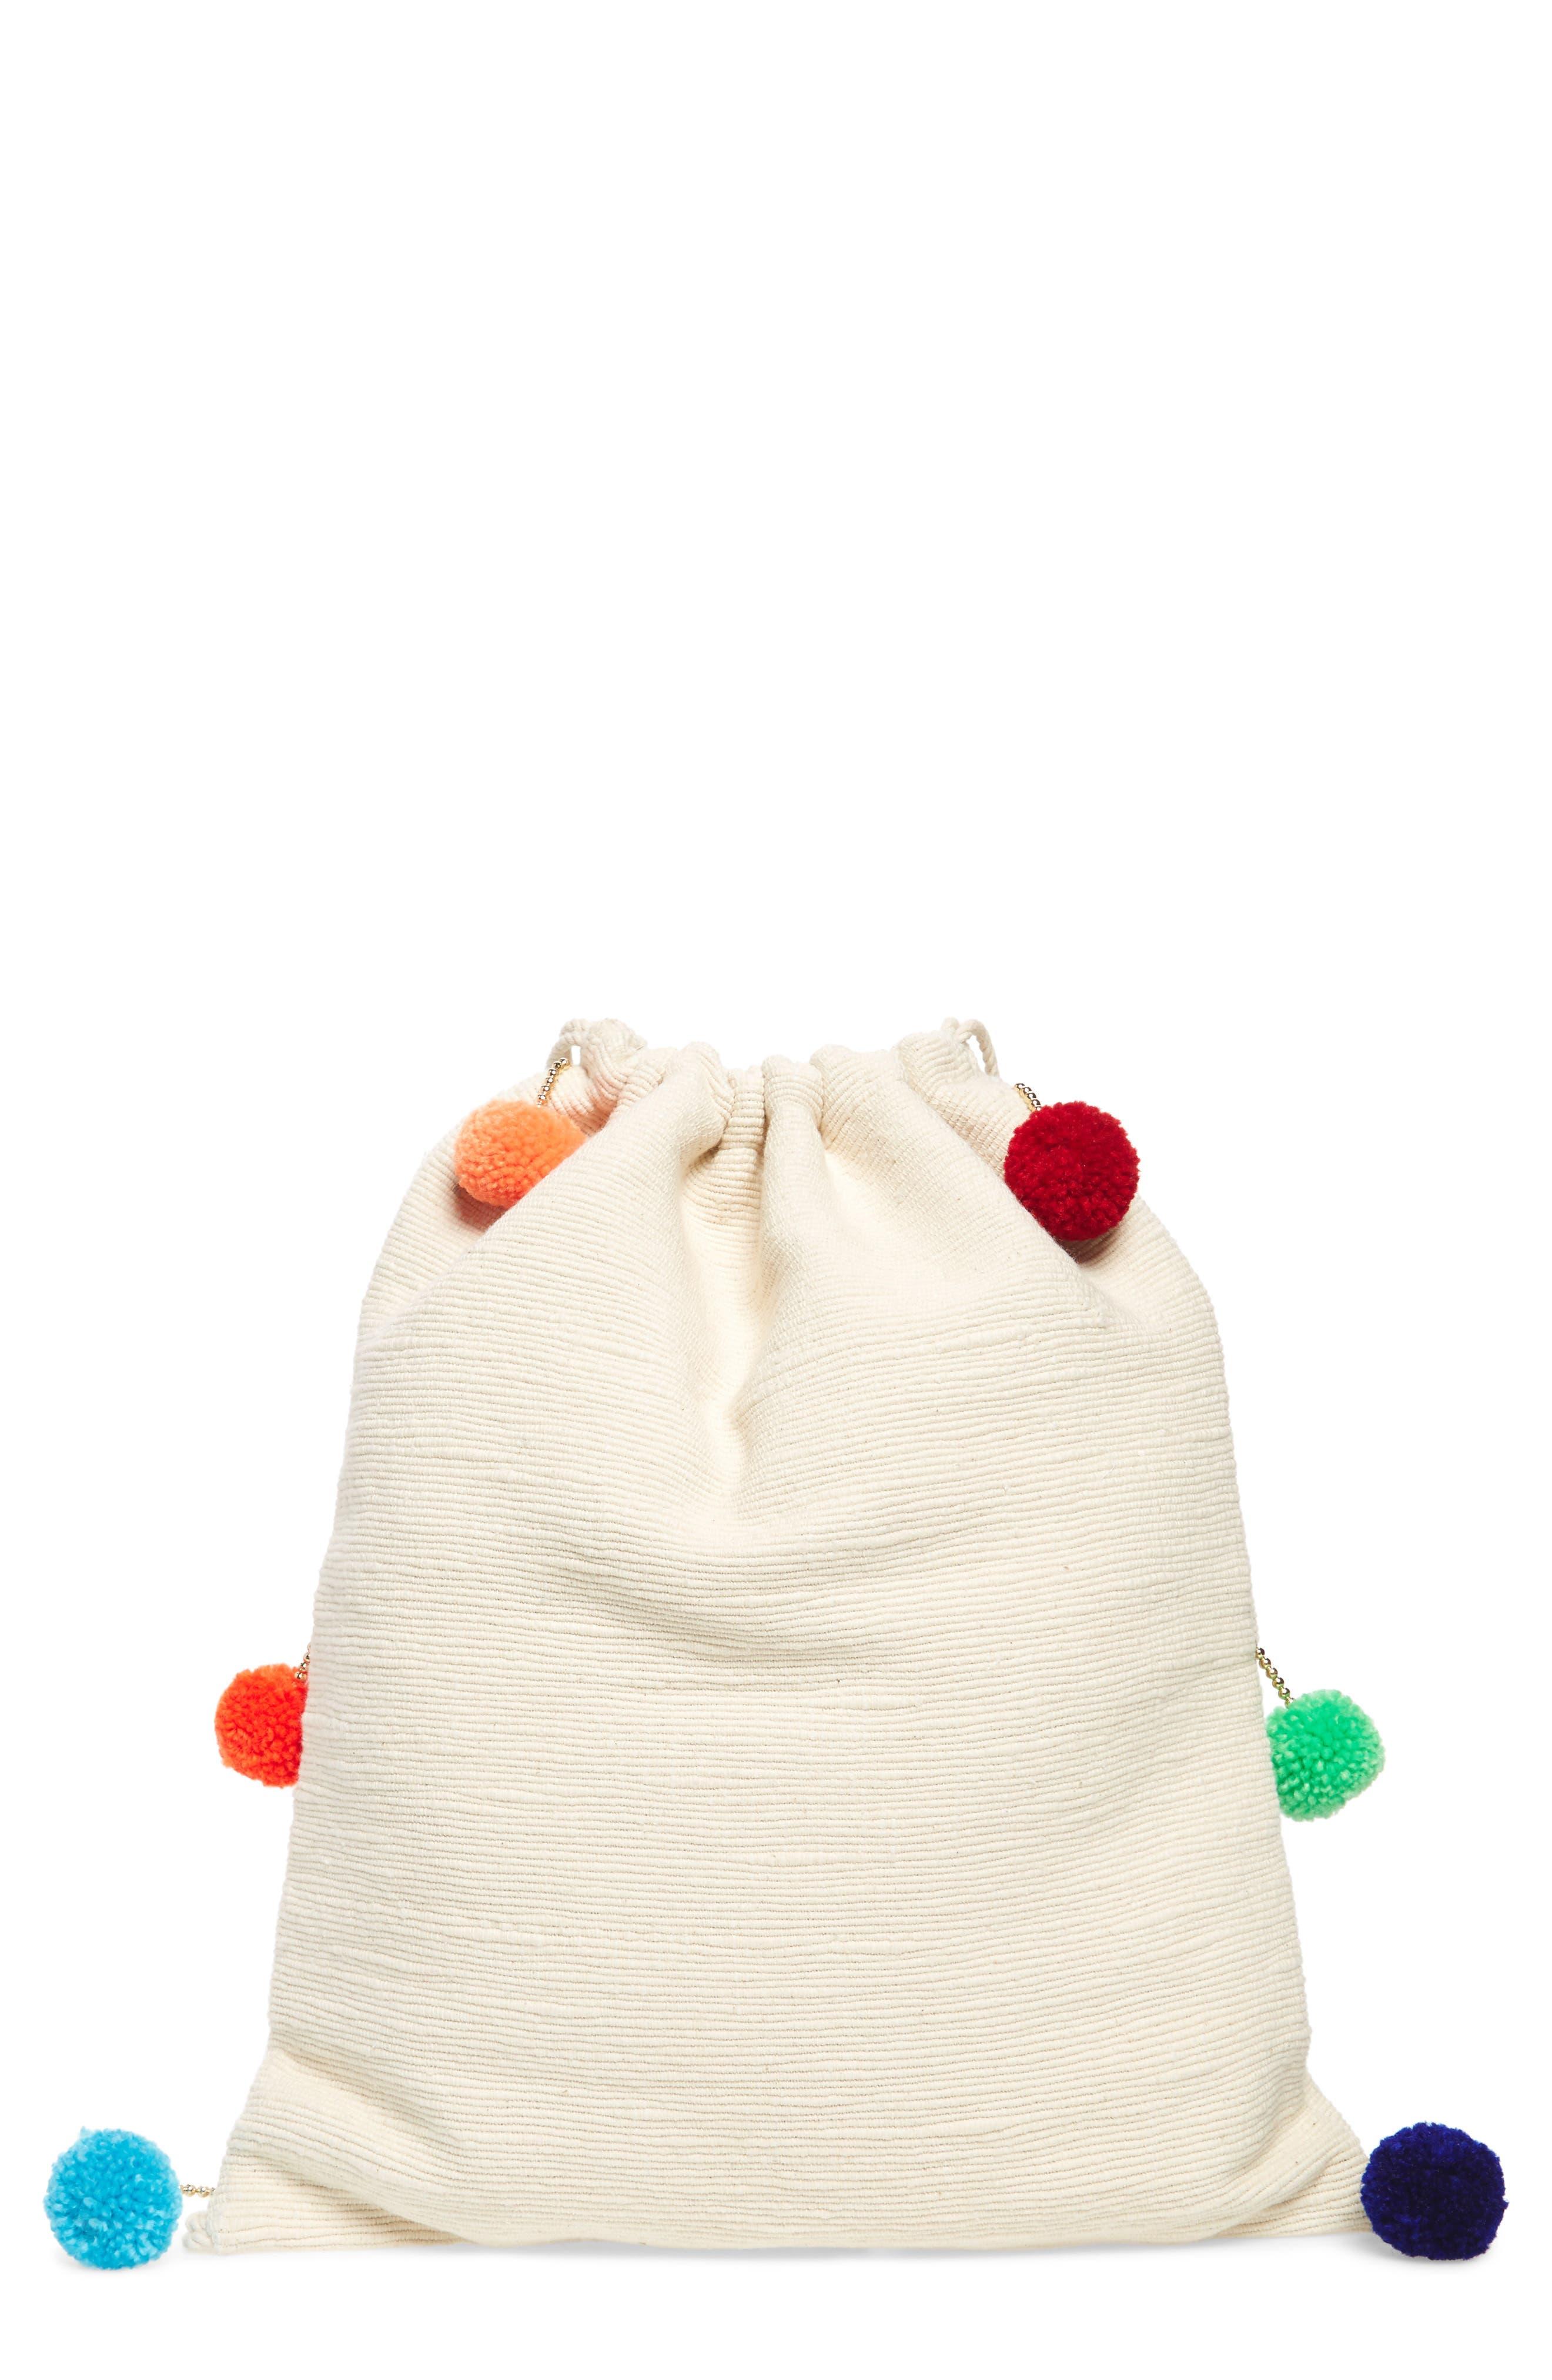 Pompom Drawstring Bag,                             Main thumbnail 1, color,                             200